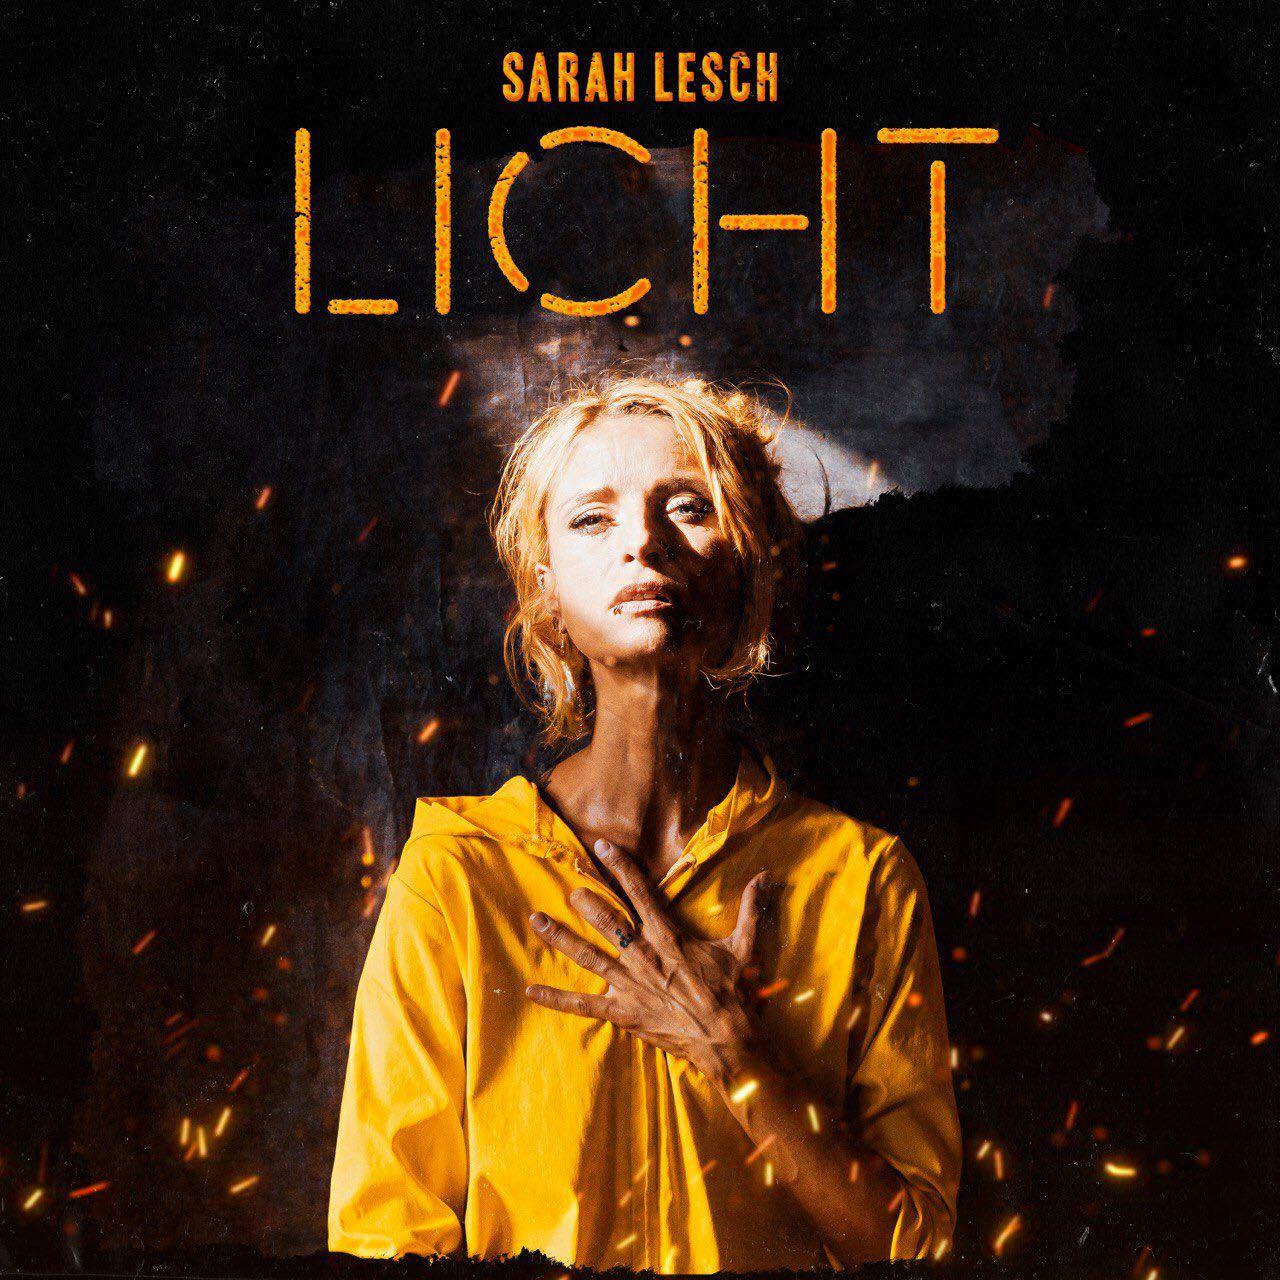 Sarah Lesch by Antje Kröger